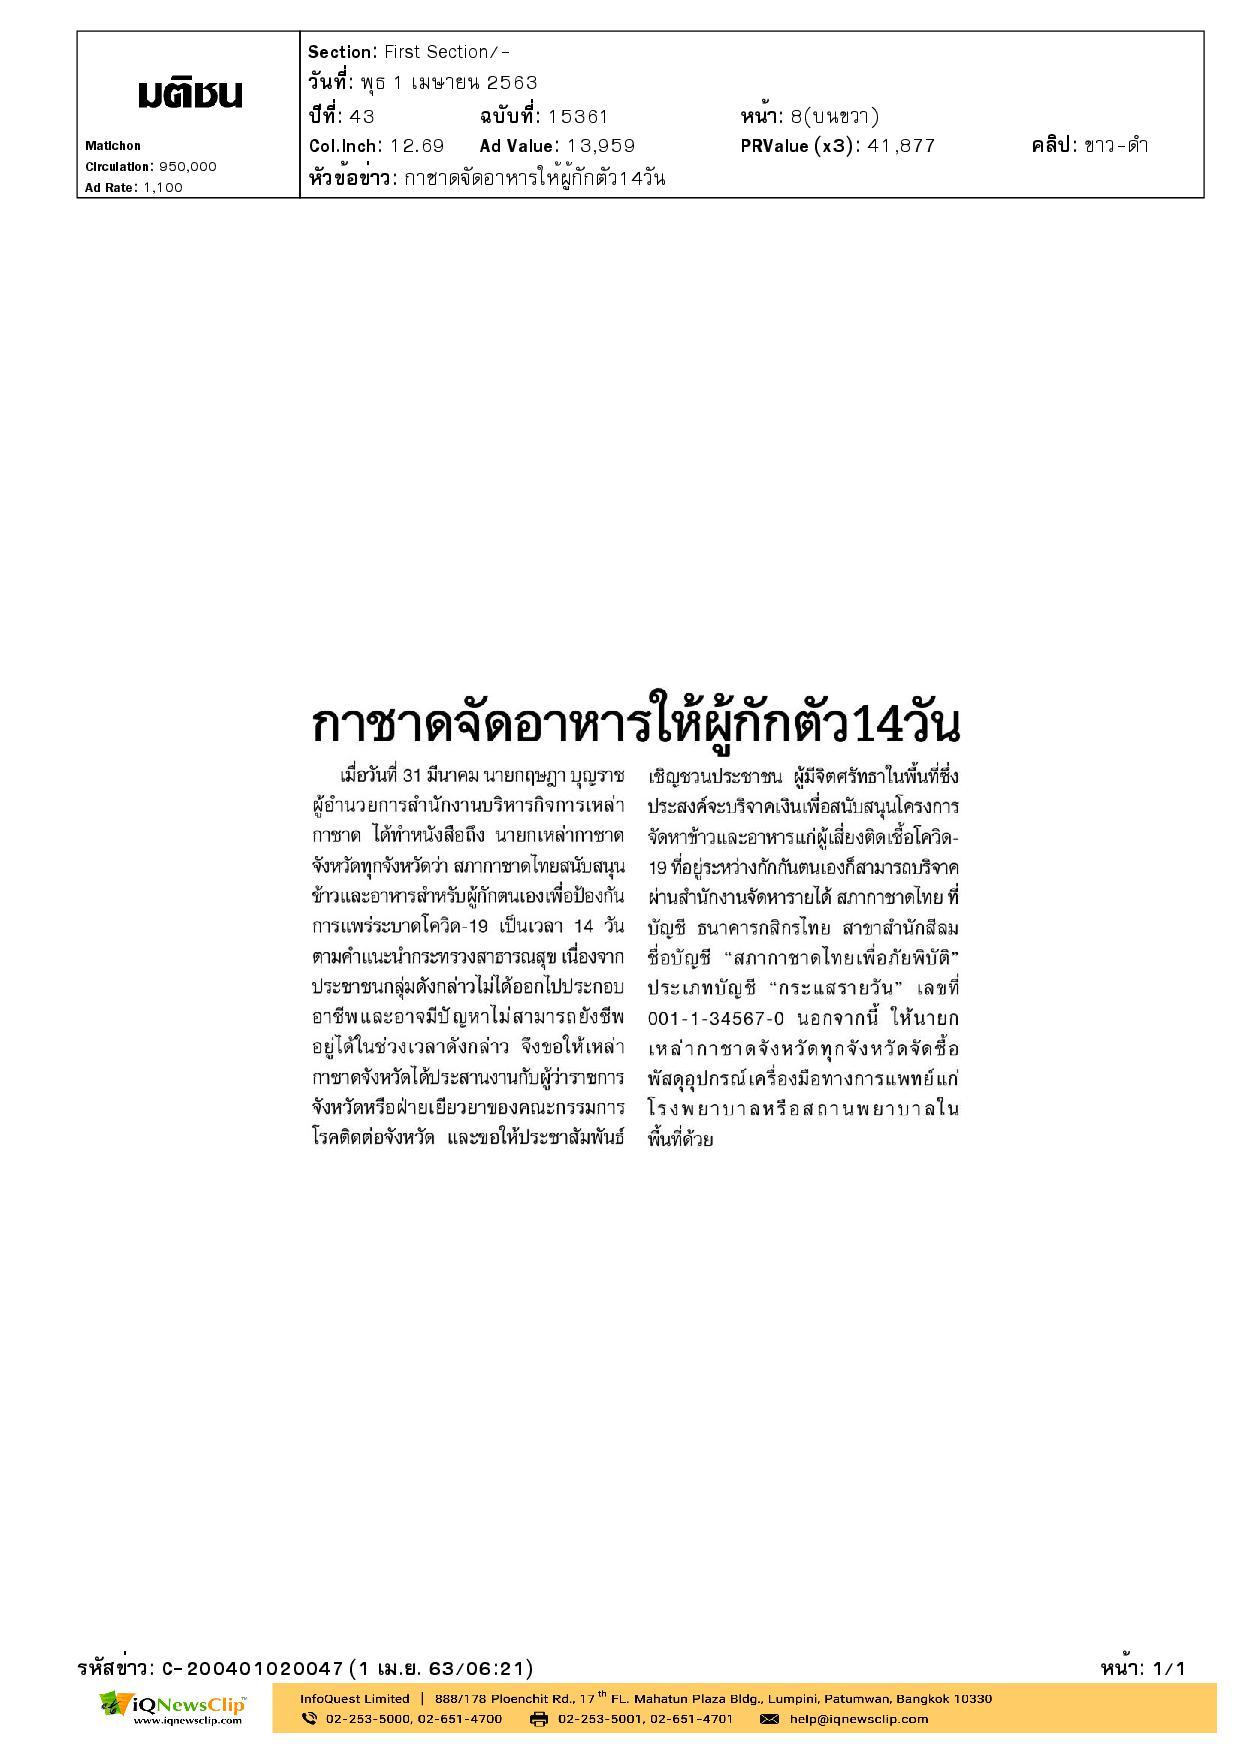 เชิญชวนบริจาคเงิน ให้สภากาชาดไทย ช่วยเหลือผู้ป่วยโควิด-19